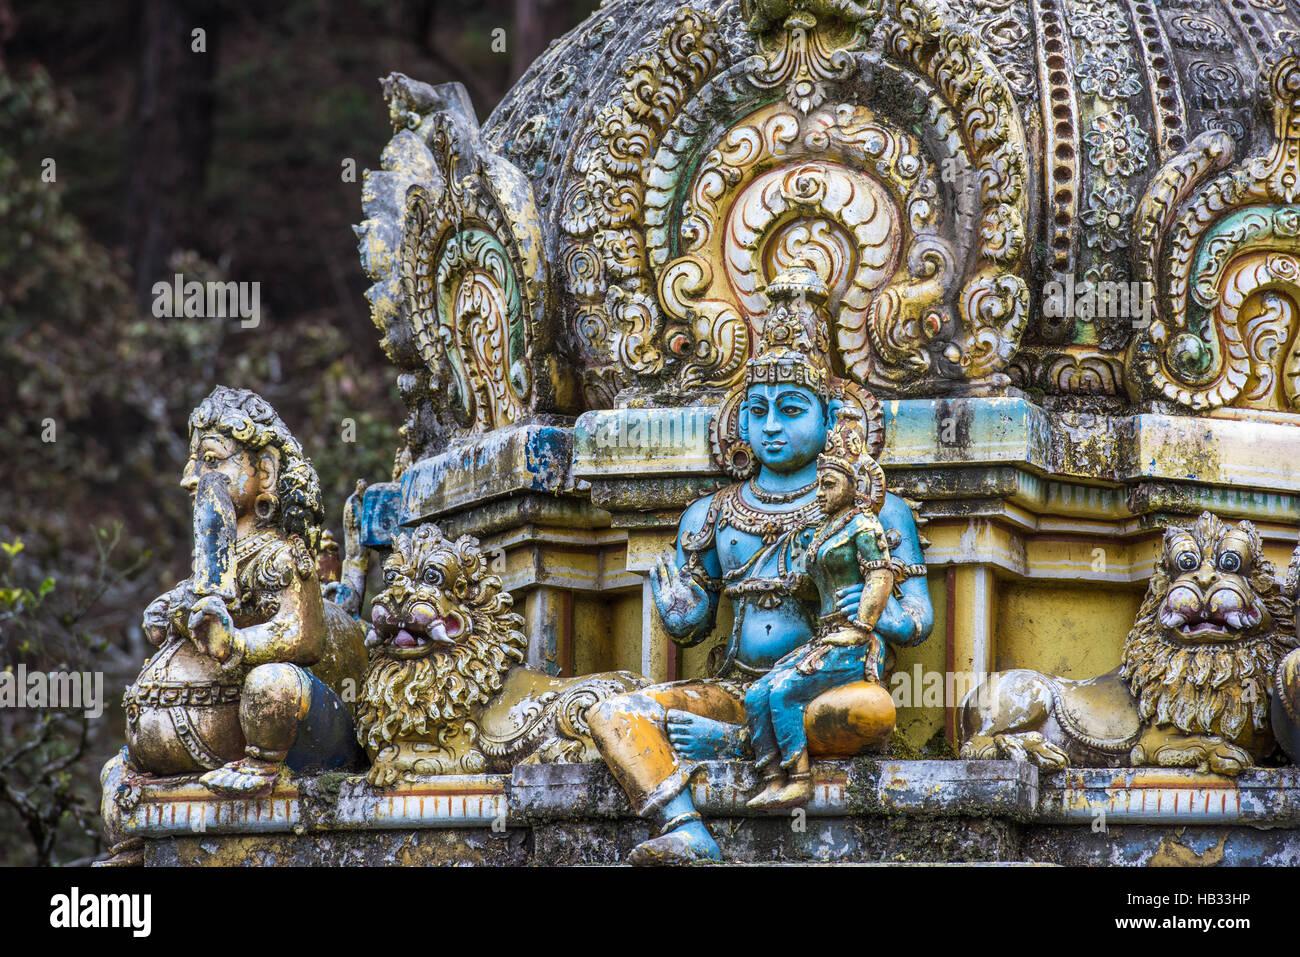 Seetha Amman Hindutempel, Sri Lanka Stockbild